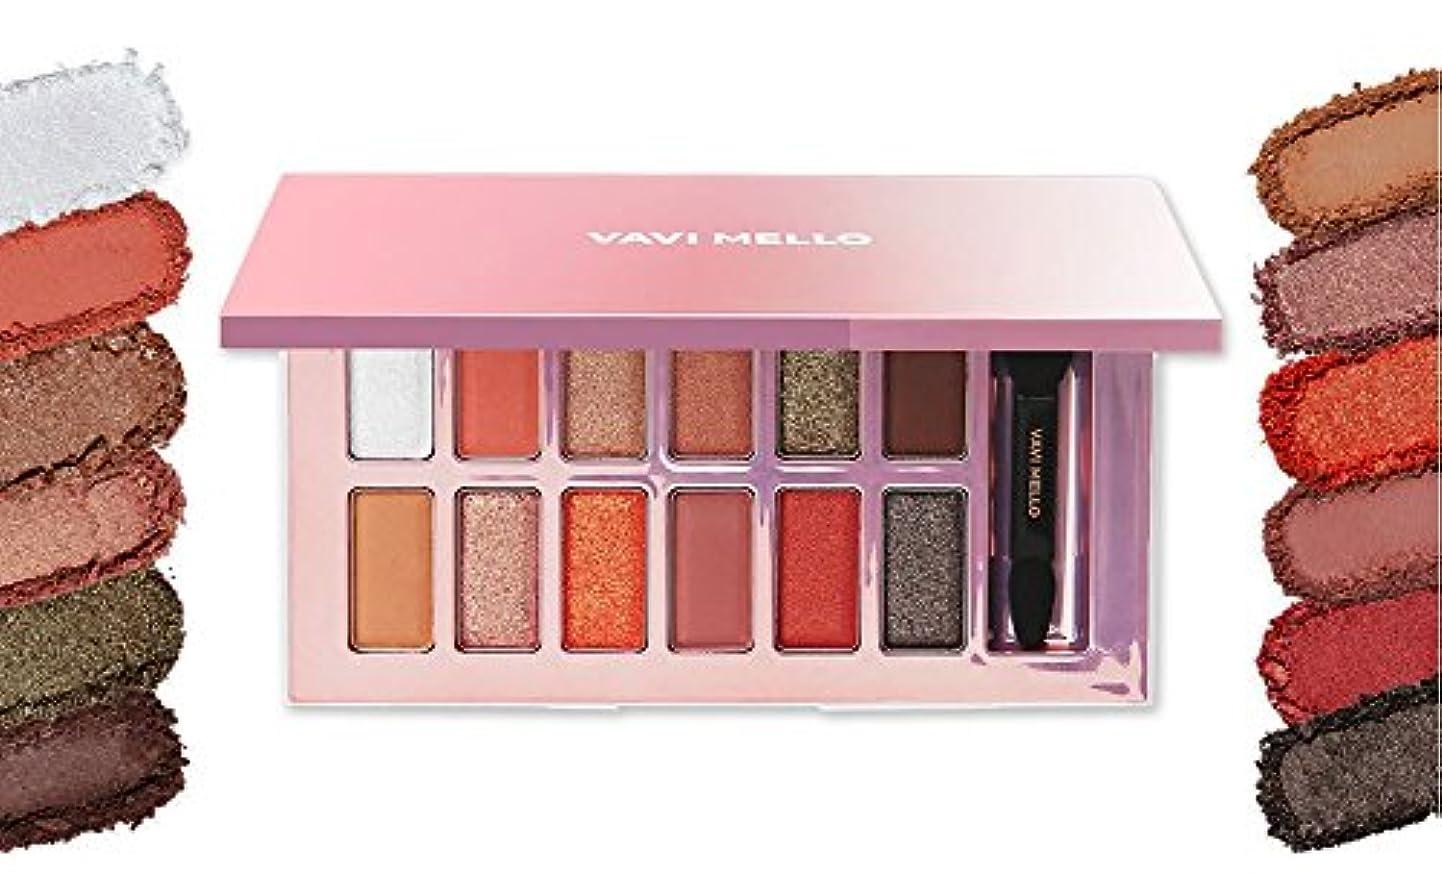 百万宙返り不平を言う[New] VAVI MELLO Valentine Box 2 ' Peach Palette ' 11g/バビメロ バレンタイン ボックス 2 ' ピーチ パレット ' 11g [並行輸入品]